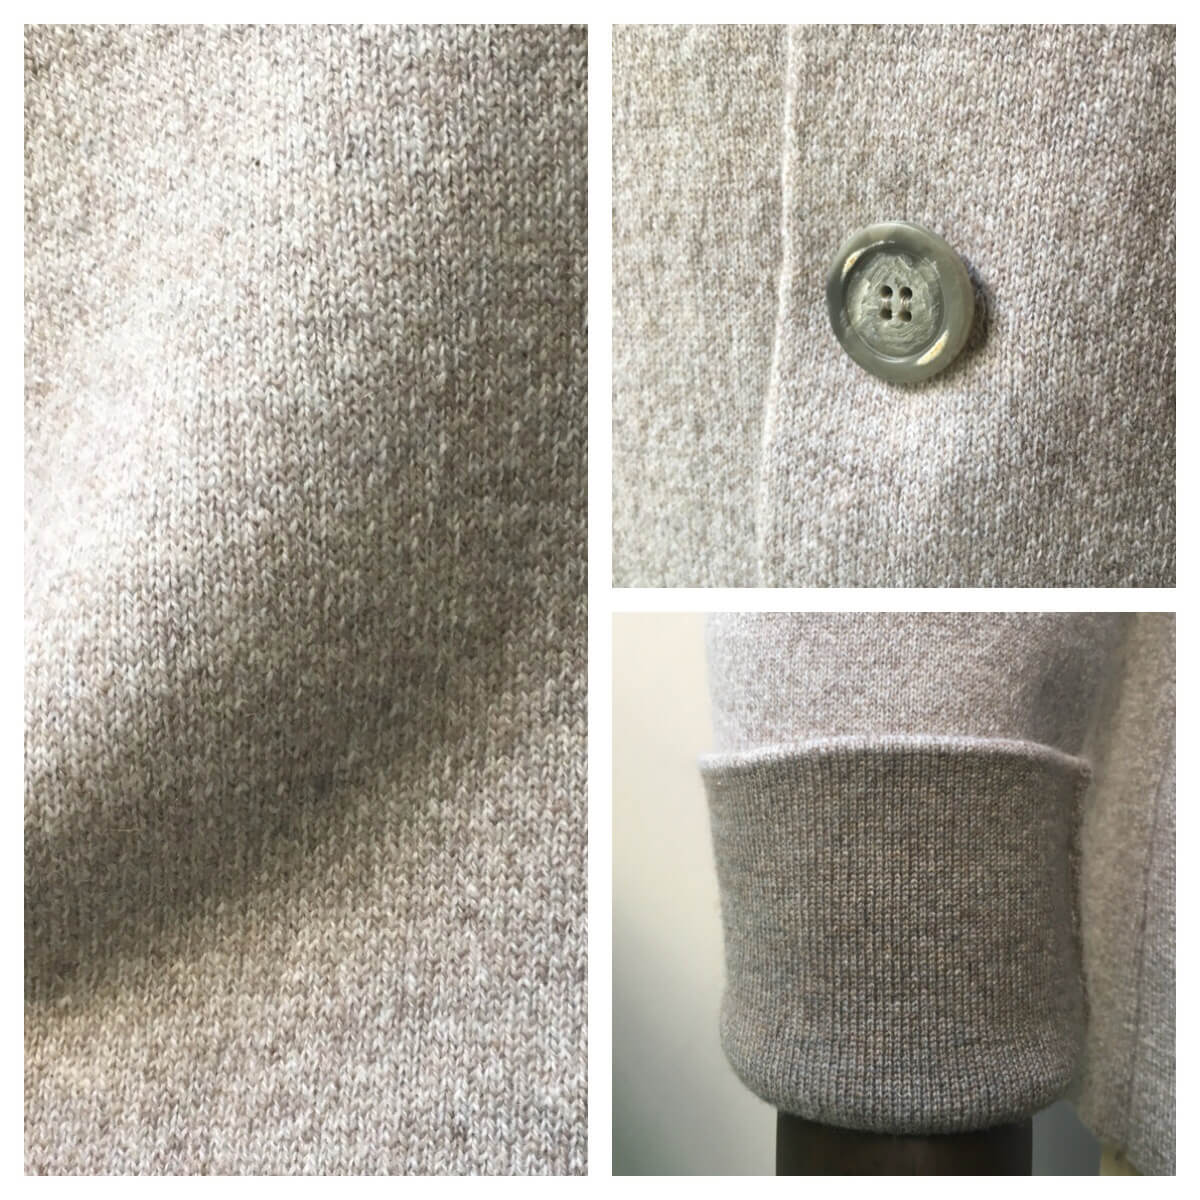 FEDELI (フェデーリ) カジュアルニットジャケット メンズ カジュアル 3つボタン カシミヤ ブラウン ベージュ スウェード おしゃれ ニット 大きいサイズ